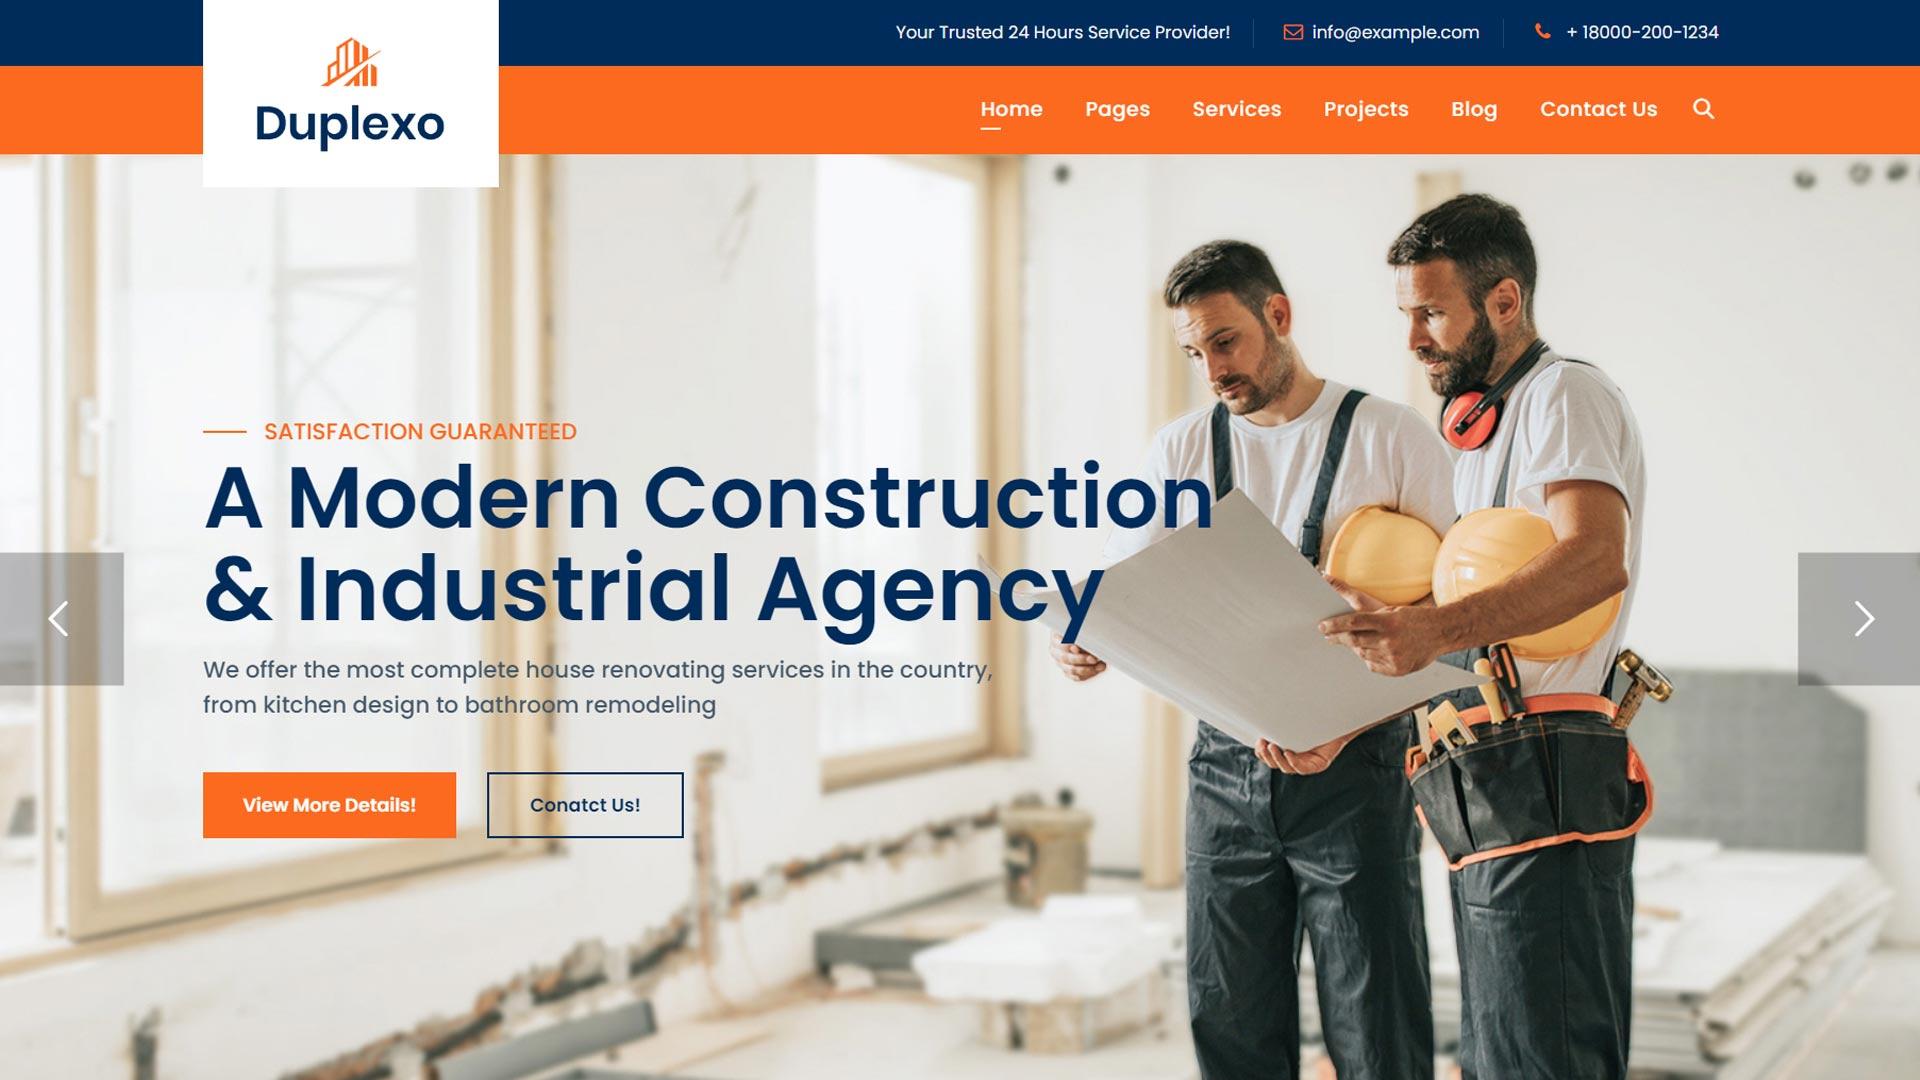 разработка и создание сайтов для бизнеса